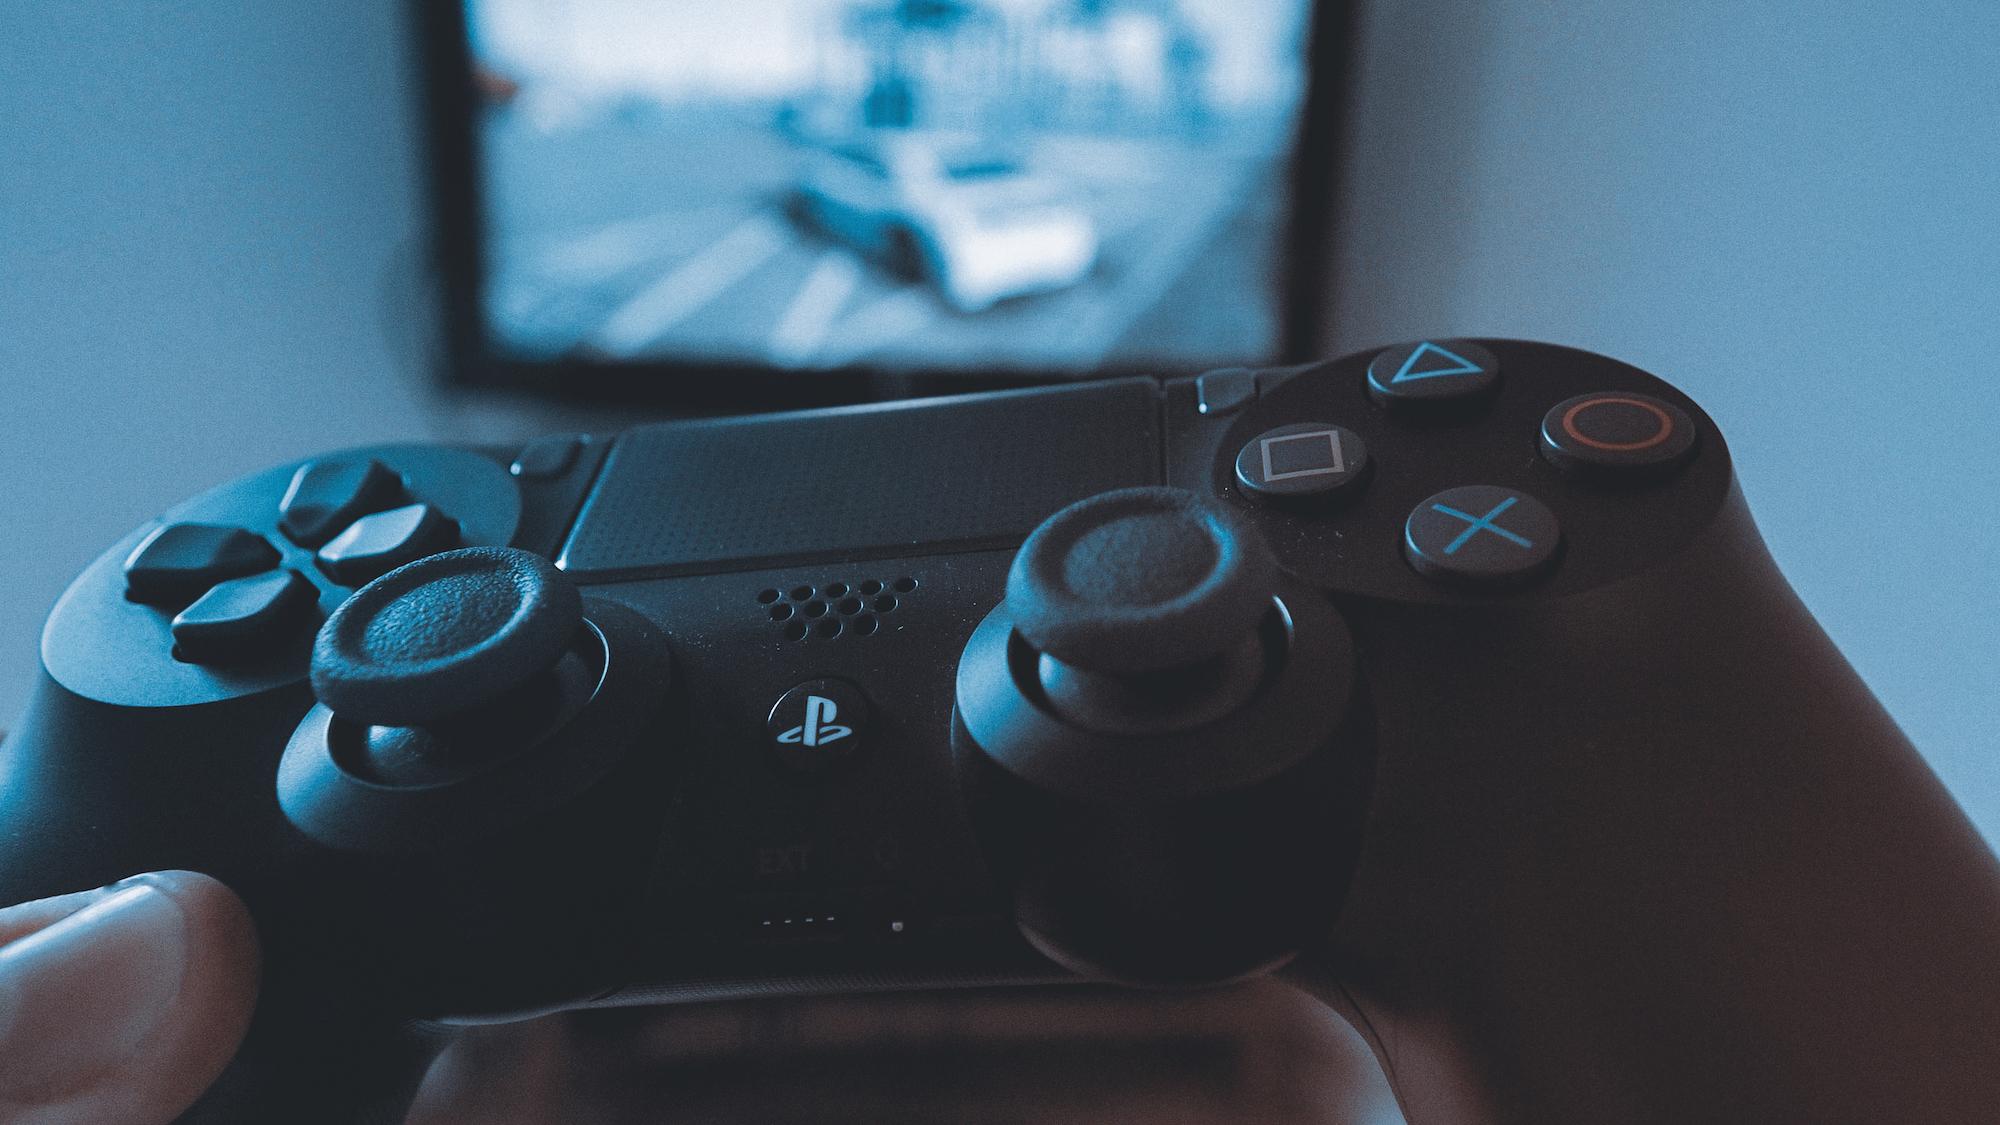 W co zagramy na konsoli Sony PlayStation 5 sprawdz